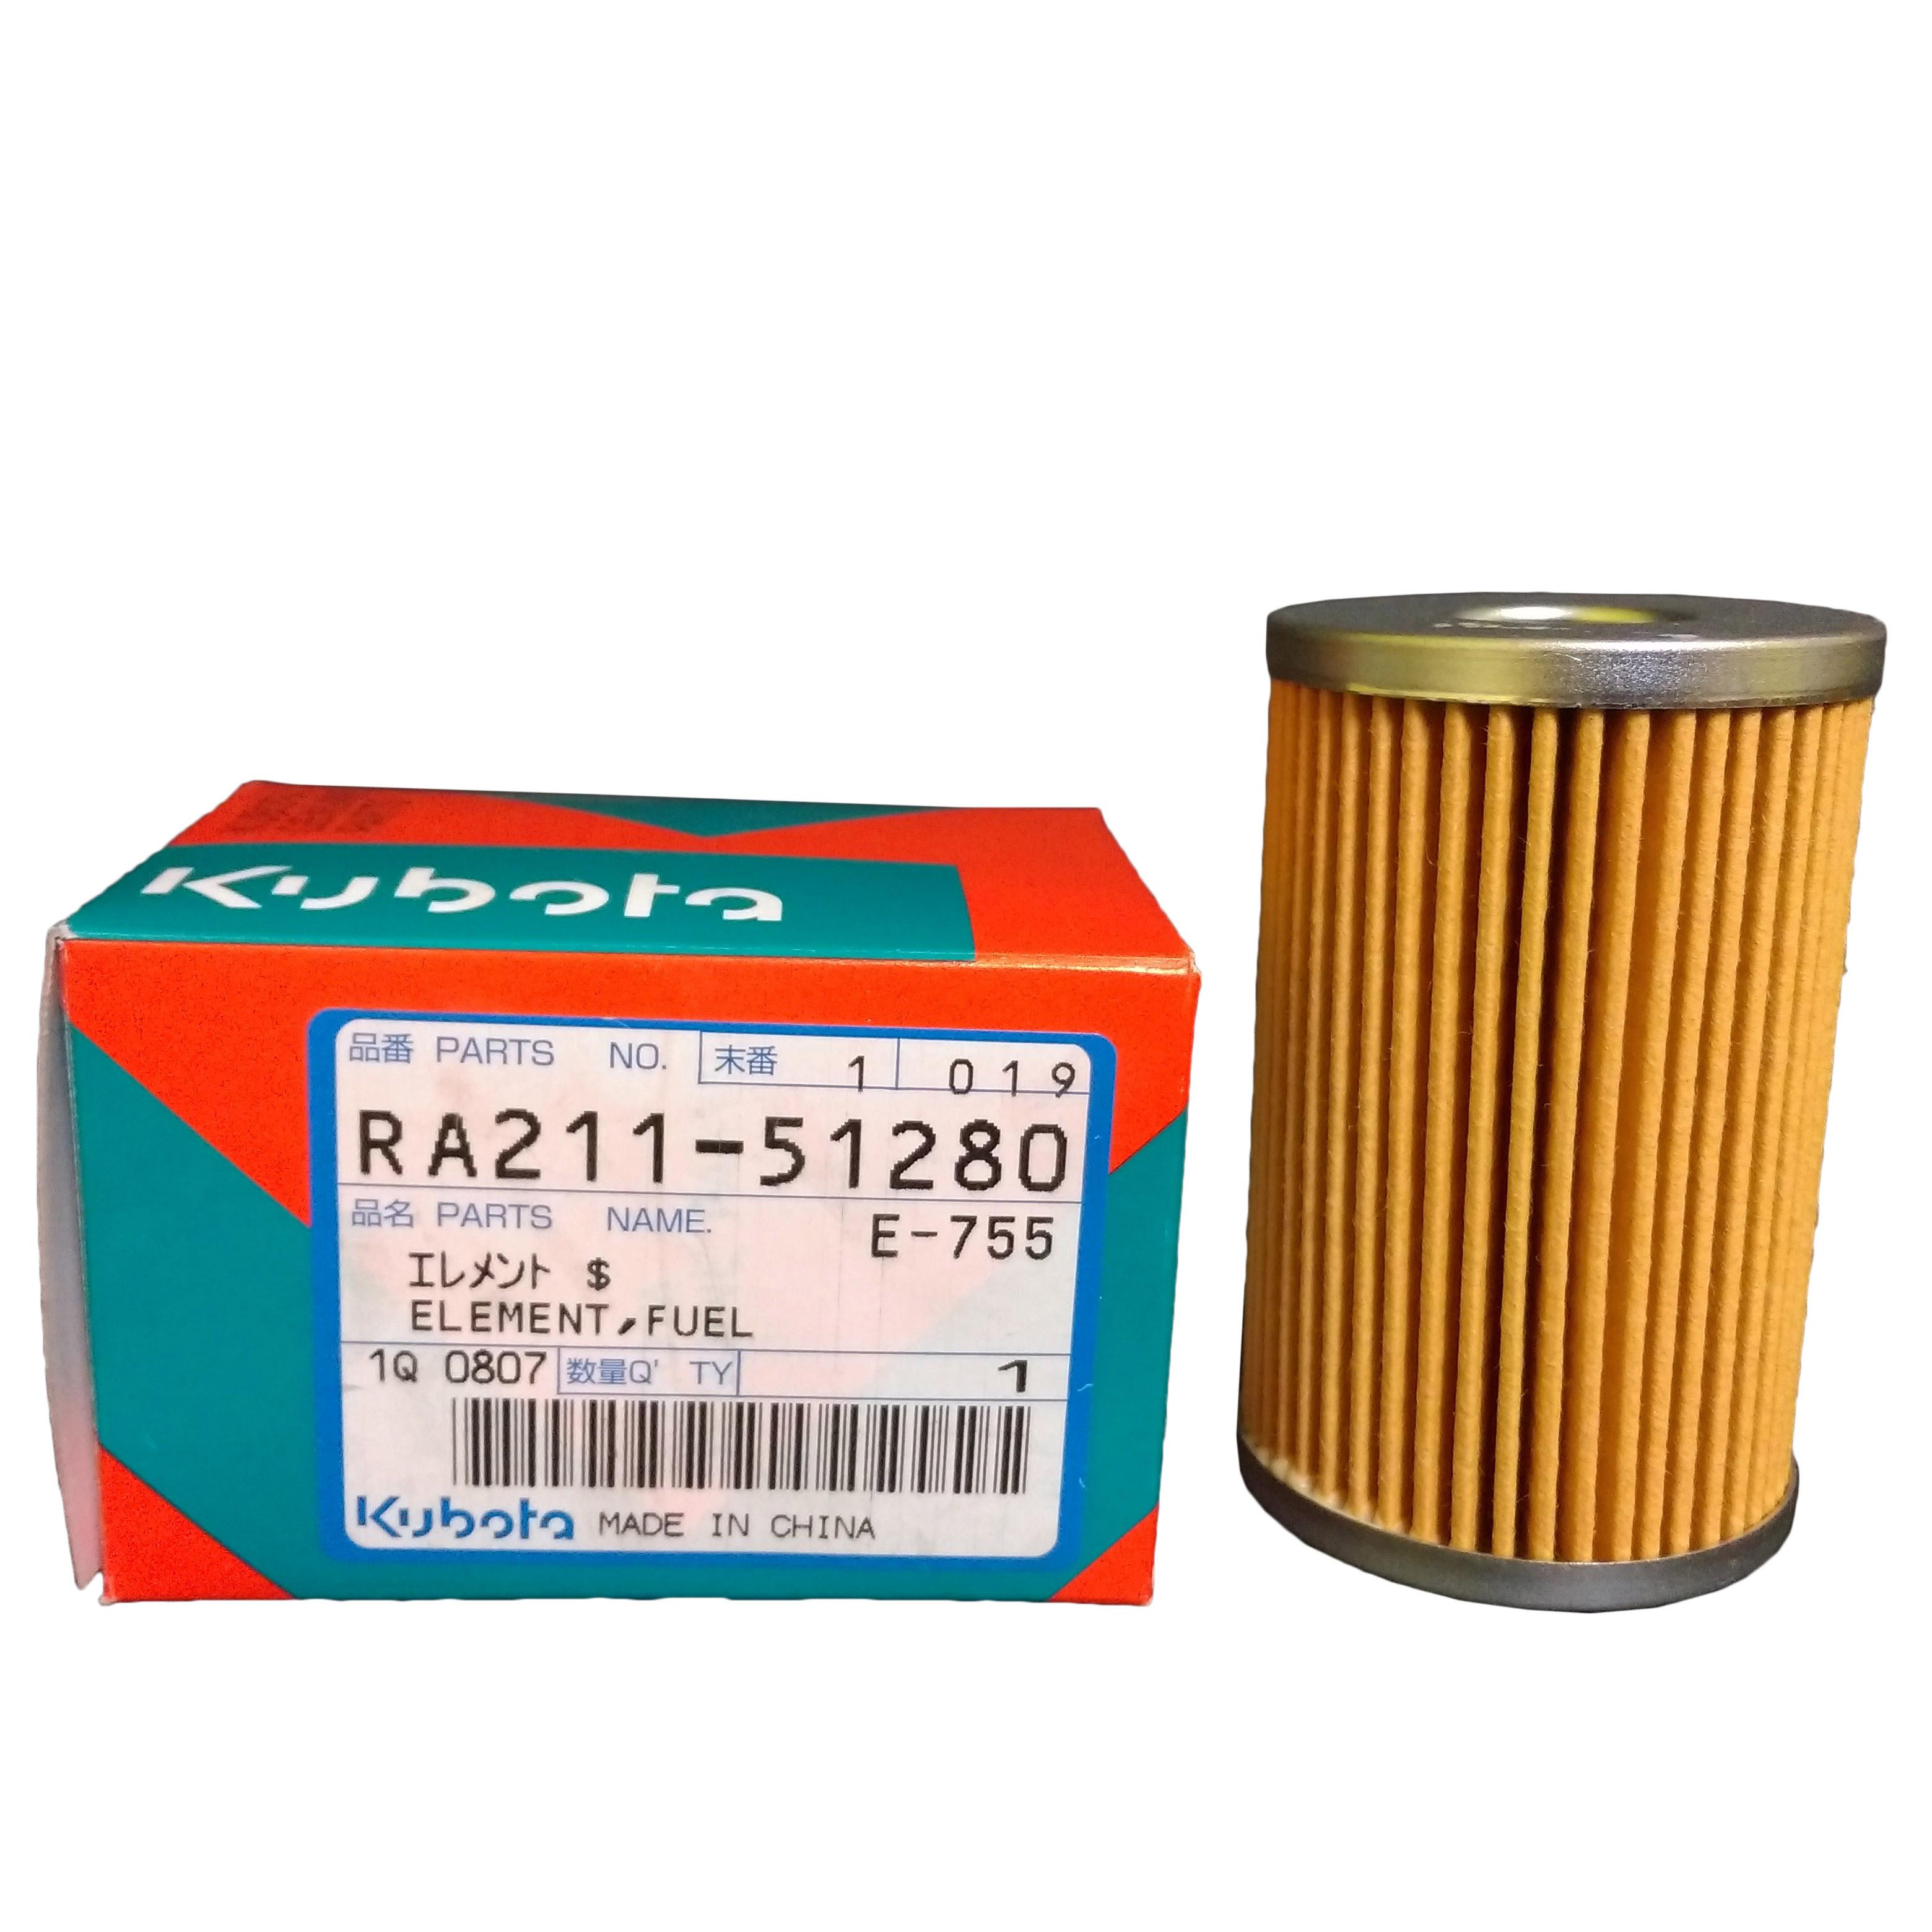 kubota fuel filter part ra211 51280 for kx121 3 kx161 3. Black Bedroom Furniture Sets. Home Design Ideas